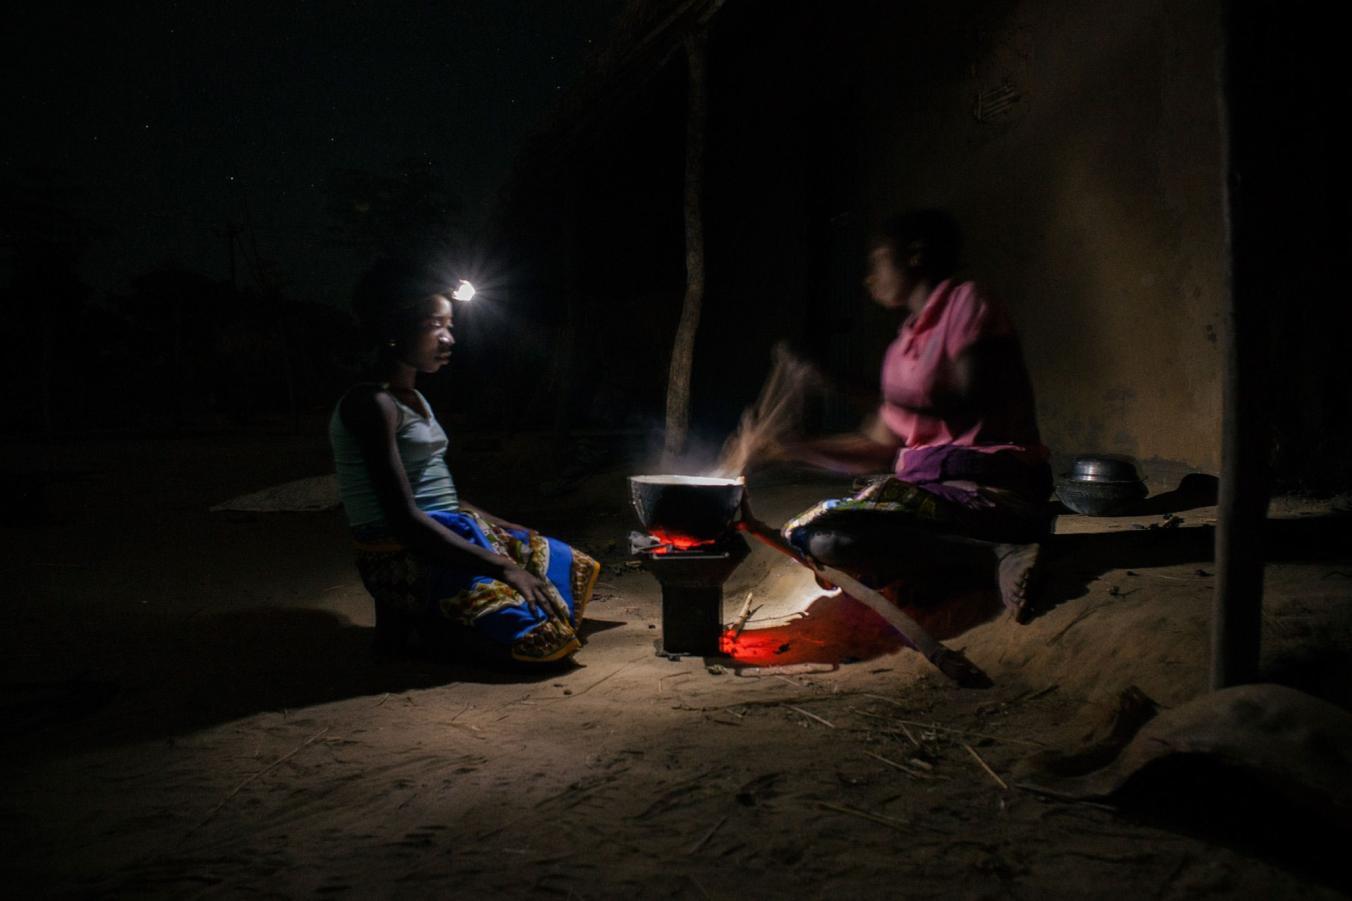 هنگامی که برق نباشد، با غروب خورشید ساده ترین کارها به دشوار ترین فعالیت ها تبدیل می شوند. در این عکس مادر و دختری با چراغ قوه مشغول پخت و پز هستند.